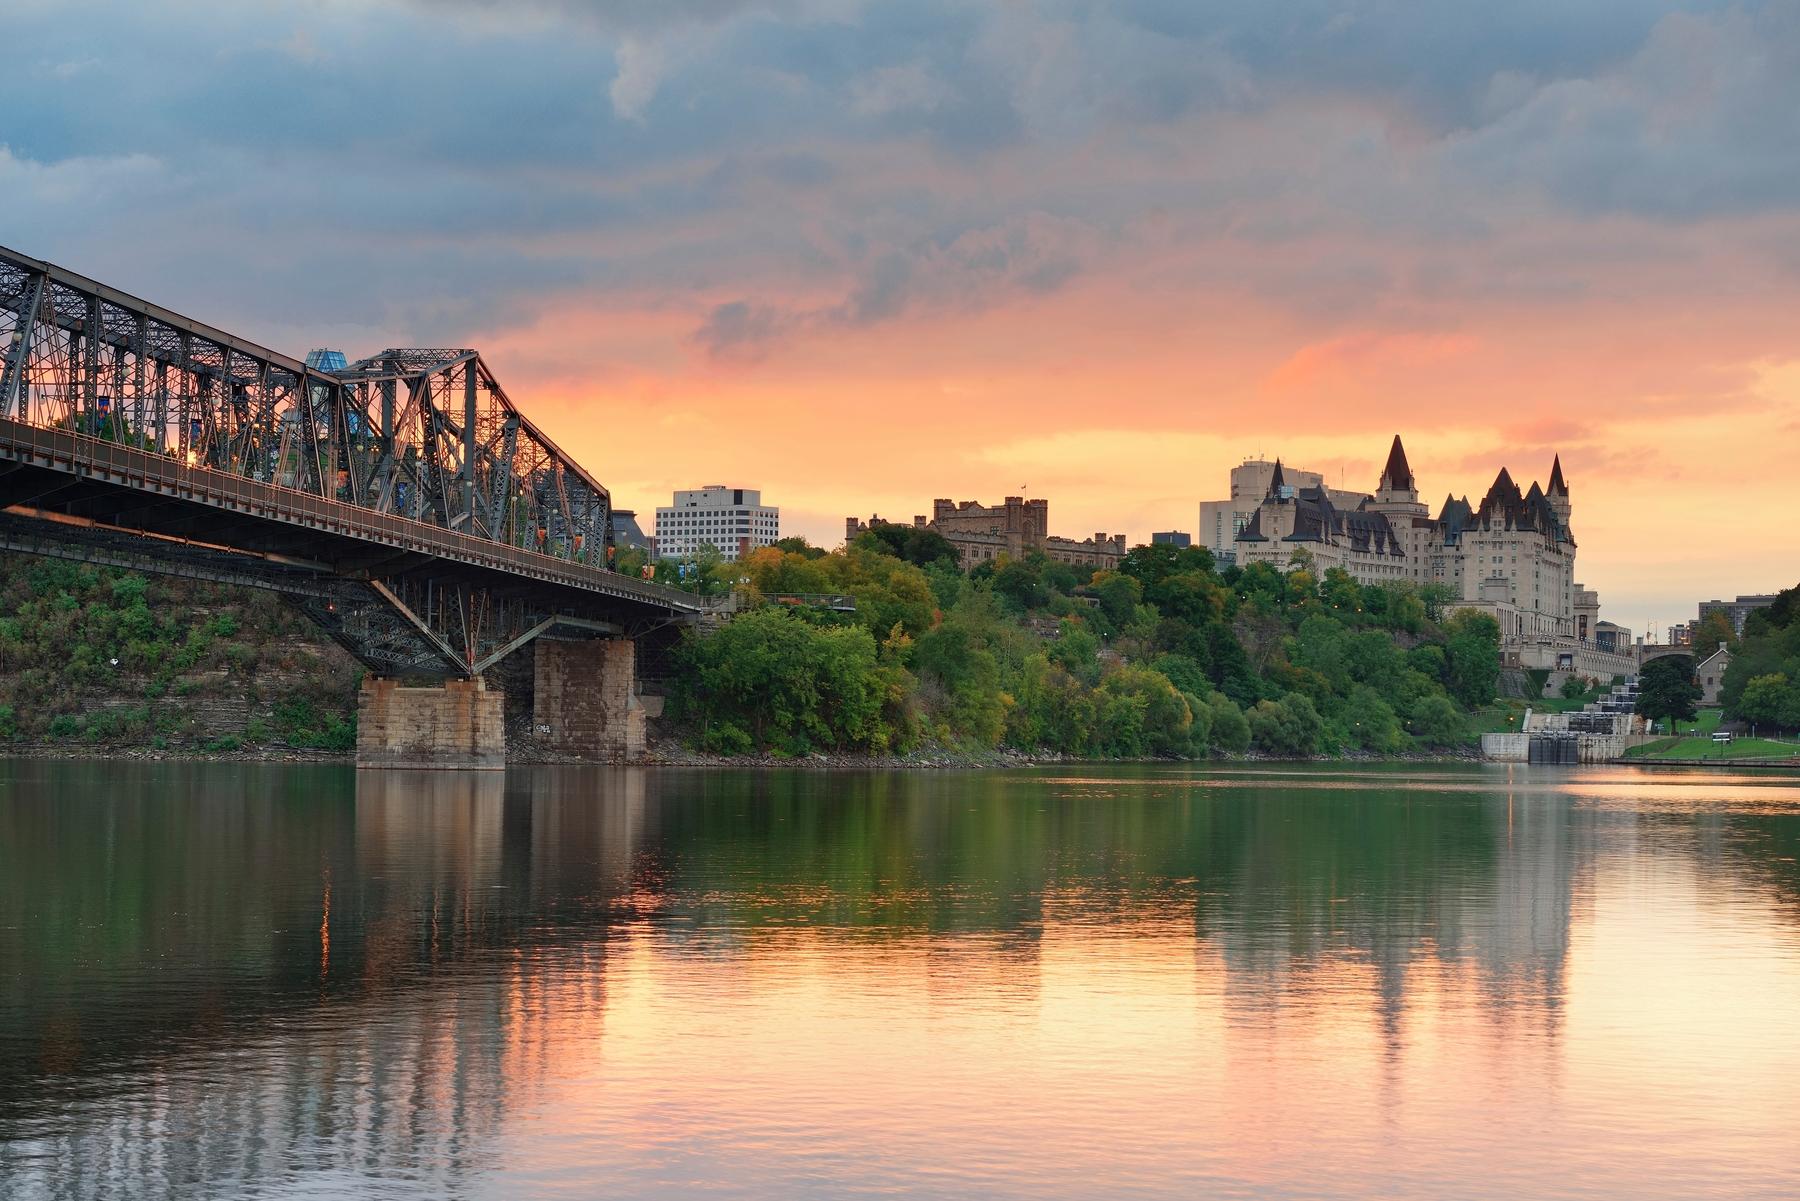 Países más grandes: Paisaje en la provincia de Quebec, en Canadá